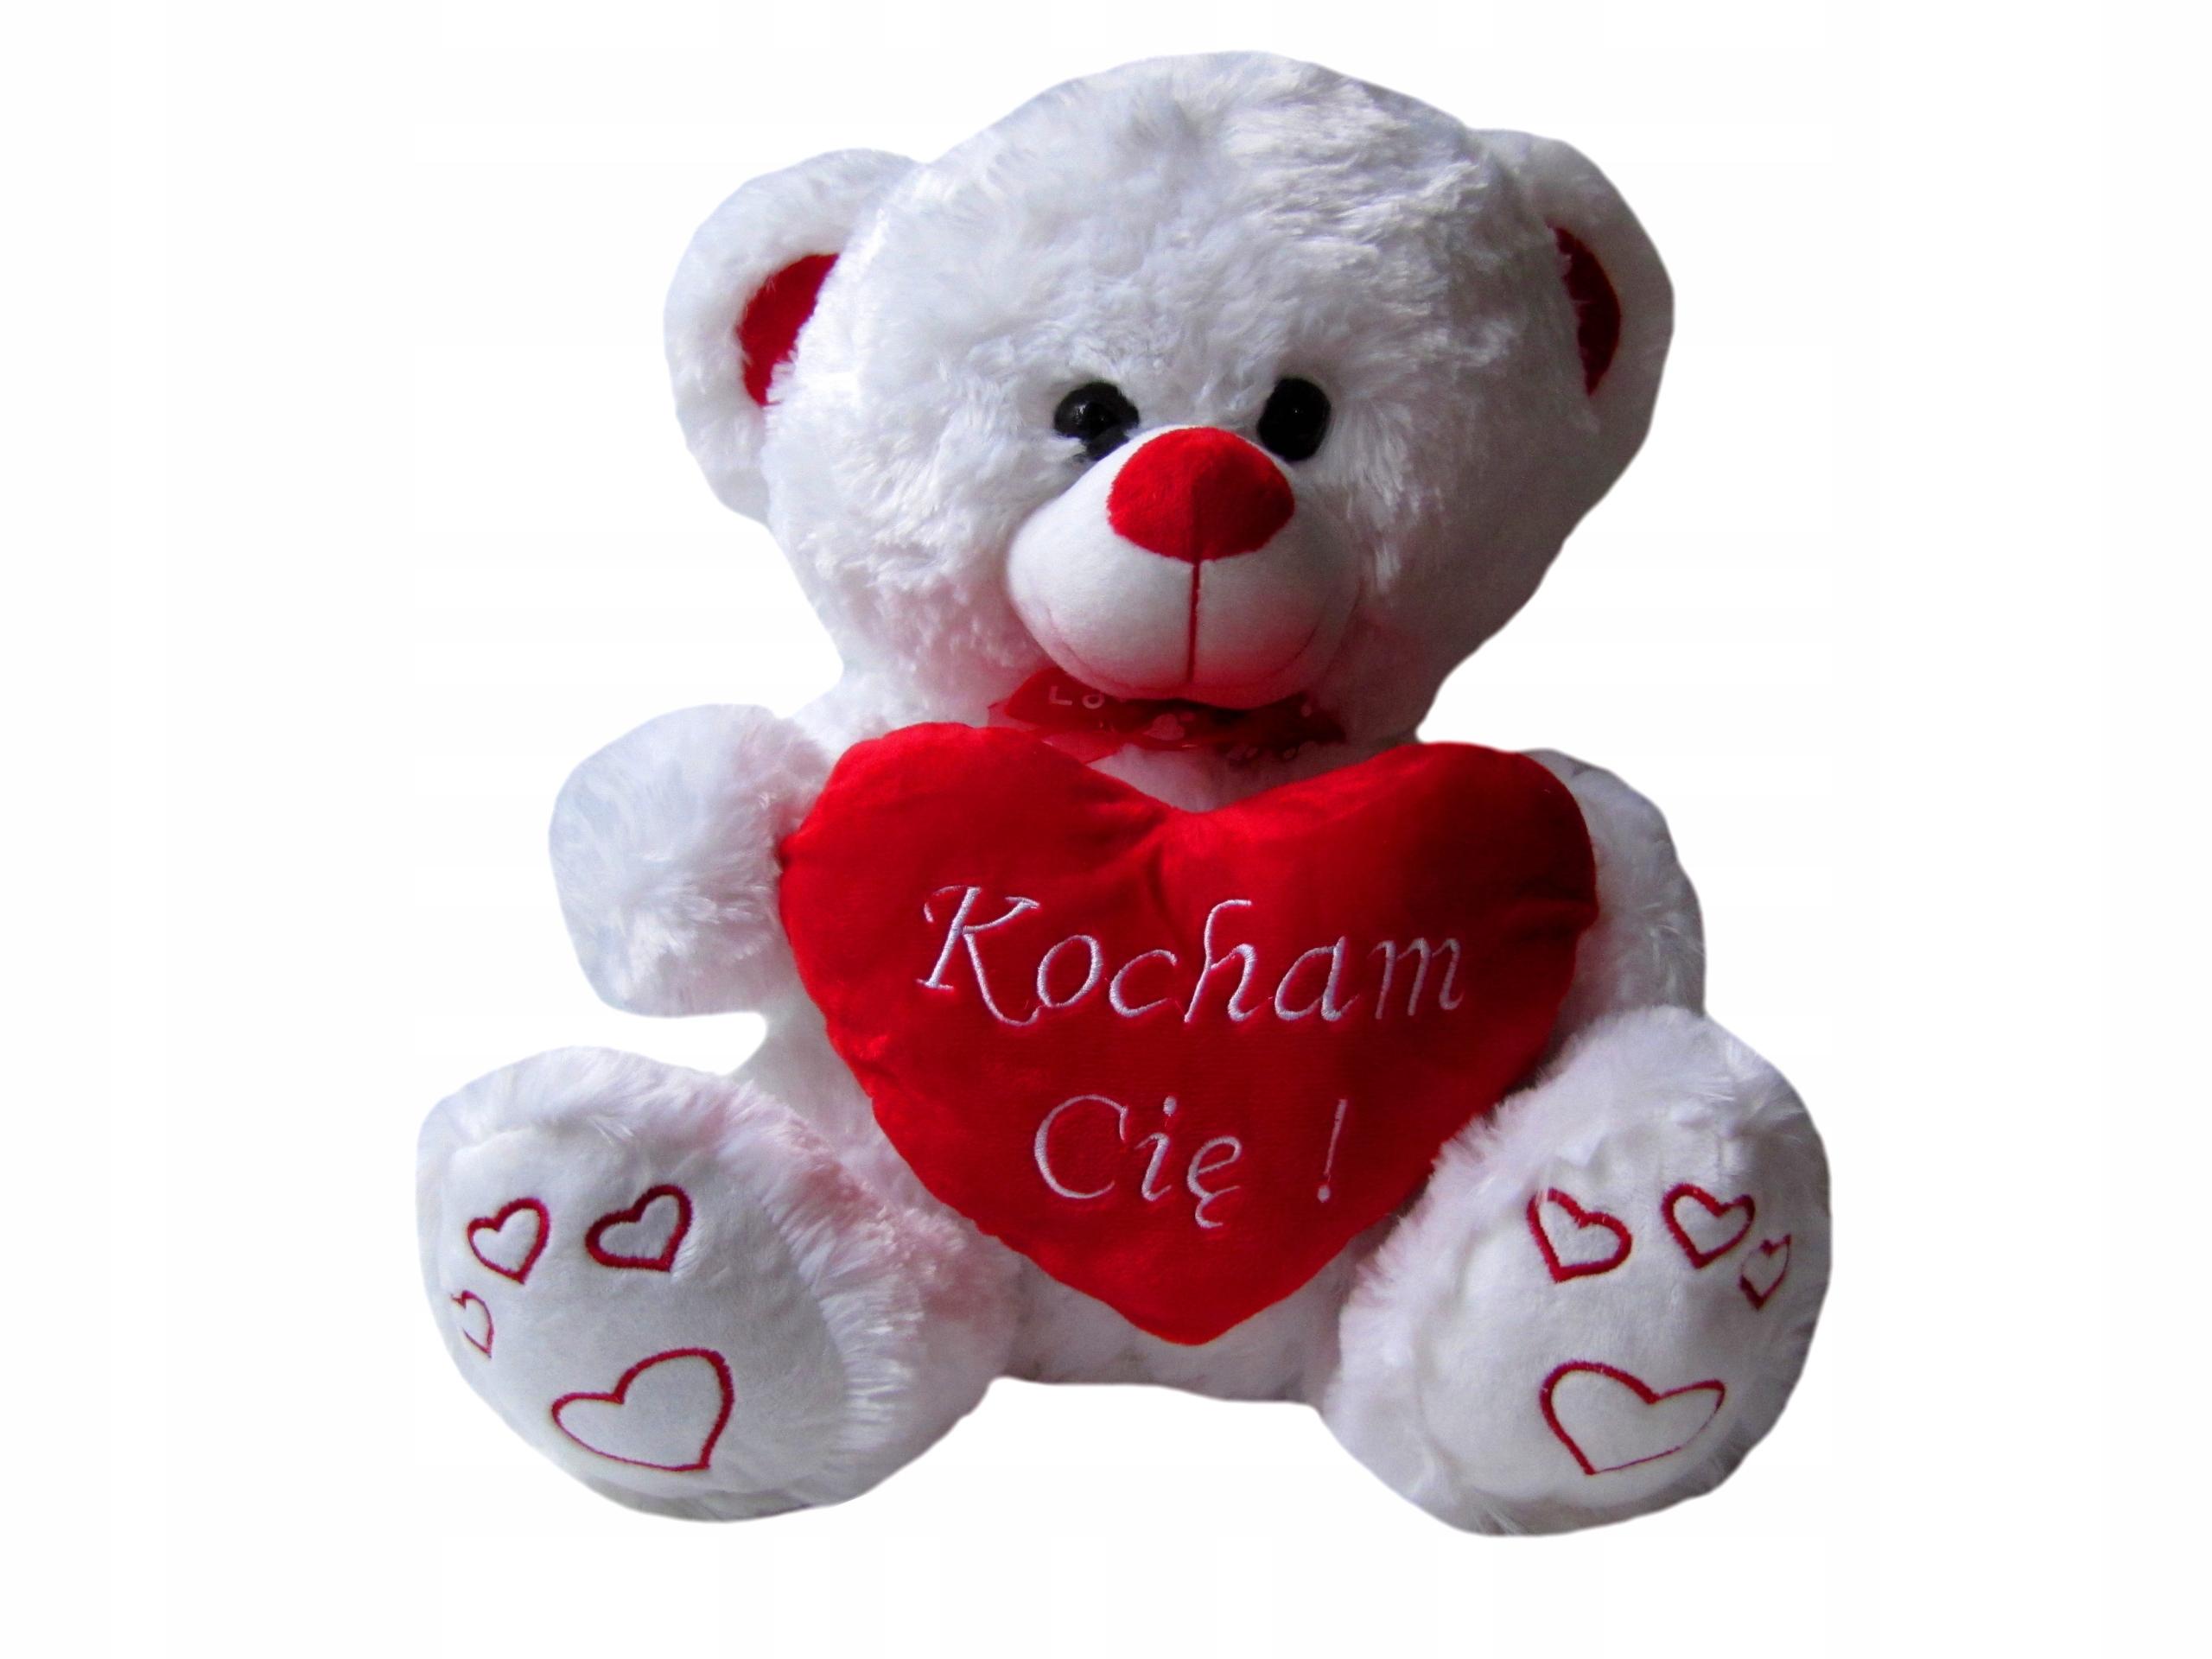 Mis Pluszowy Serce Haft Kocham Cie Na Walentynki 7799840903 Allegro Pl